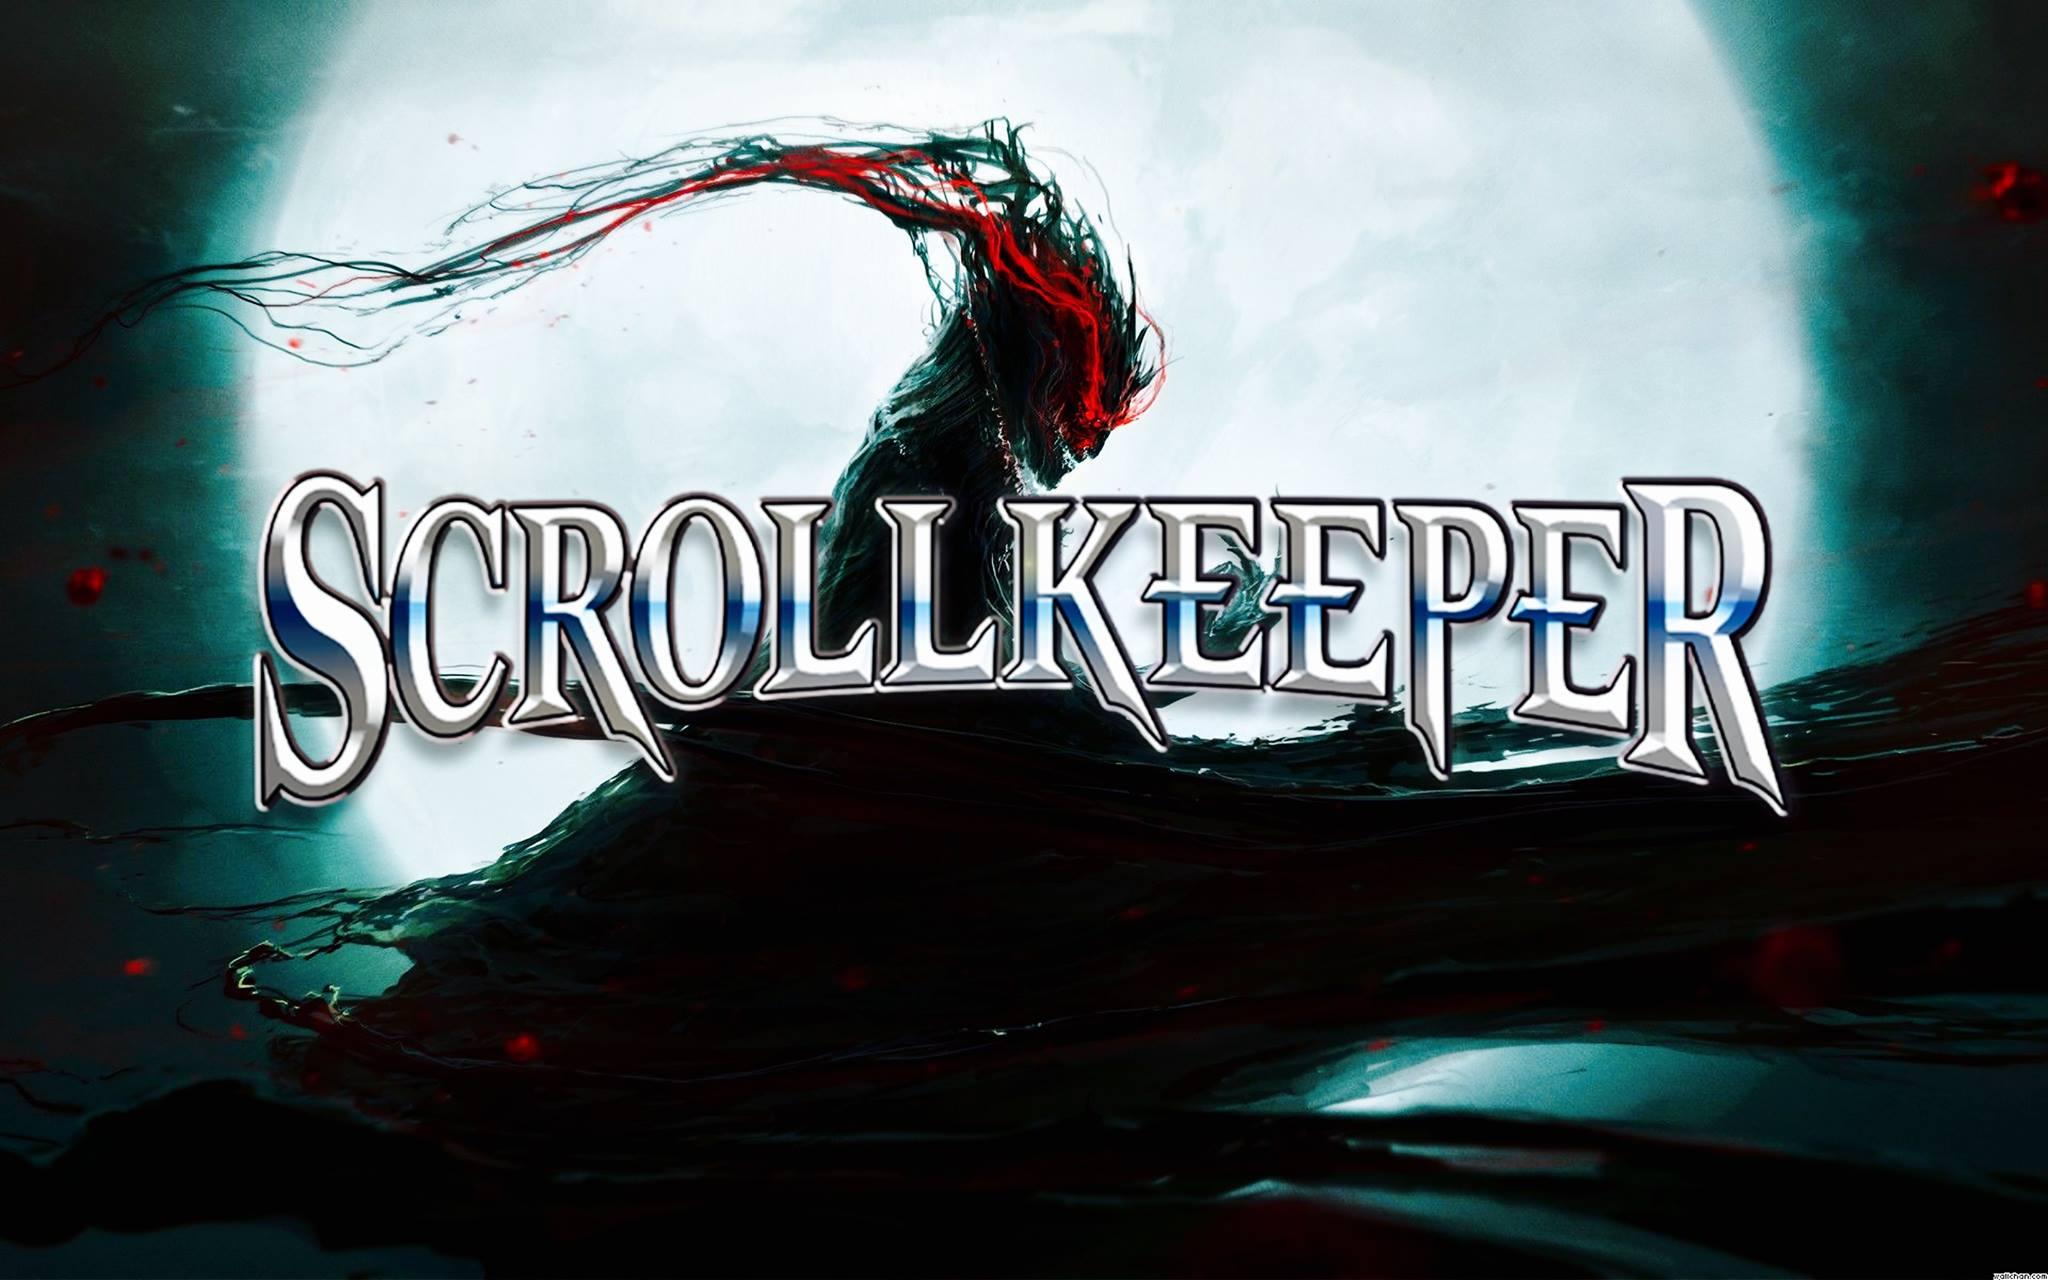 Scrollkeeper